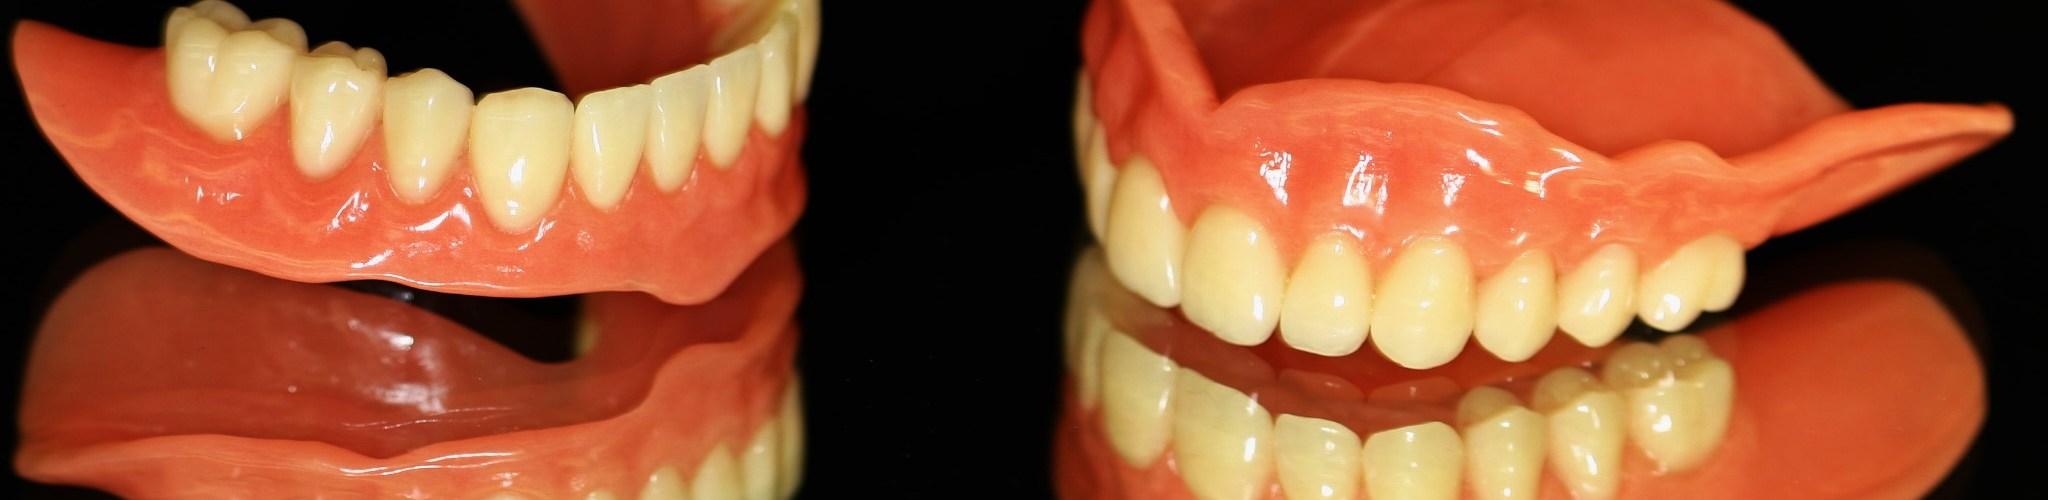 مدة تركيب الاسنان بعد الخلع